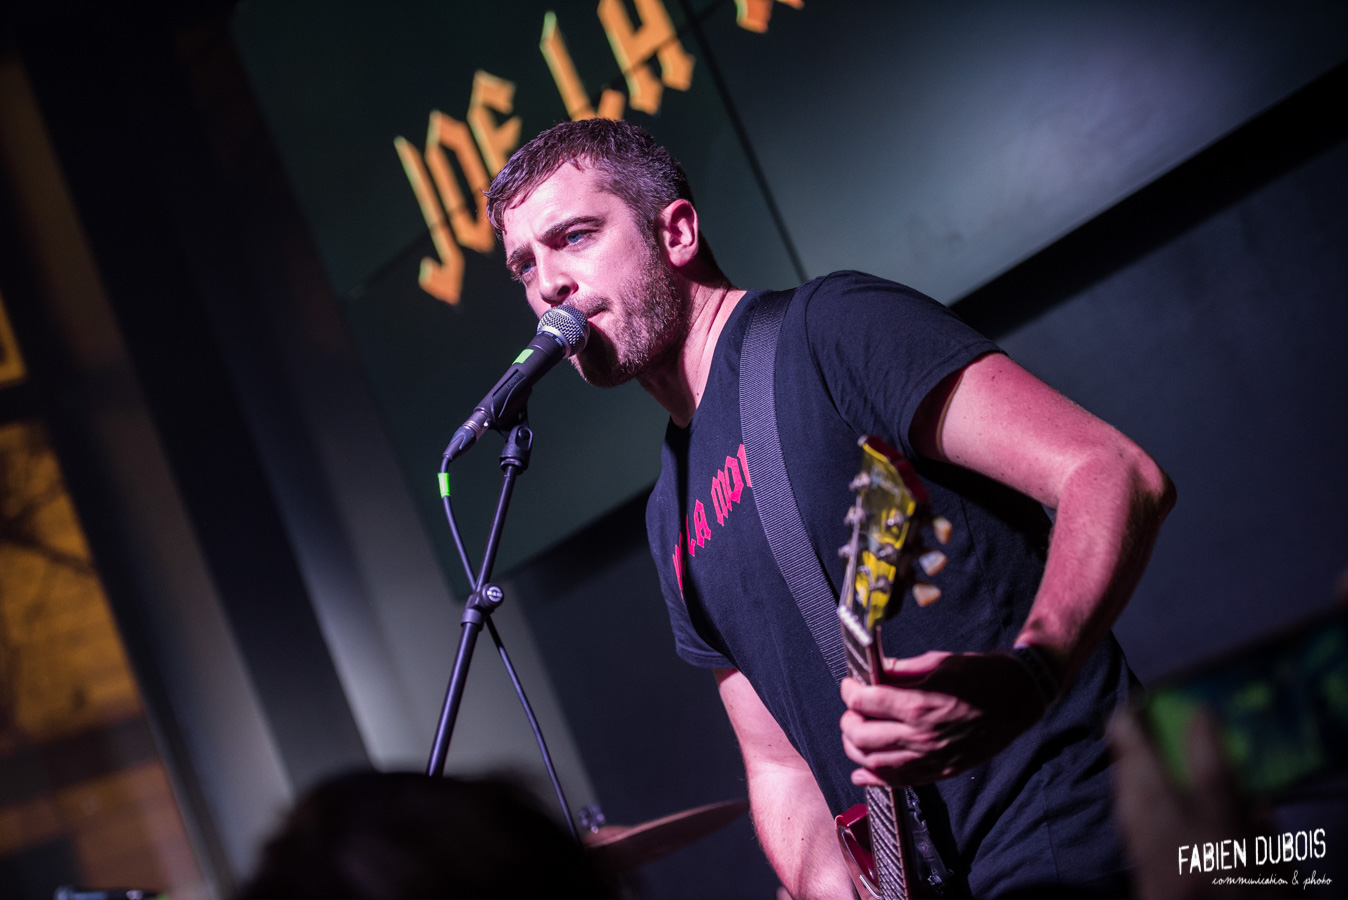 Photo Joe La Mouk Hard Rock Café Lyon 2018